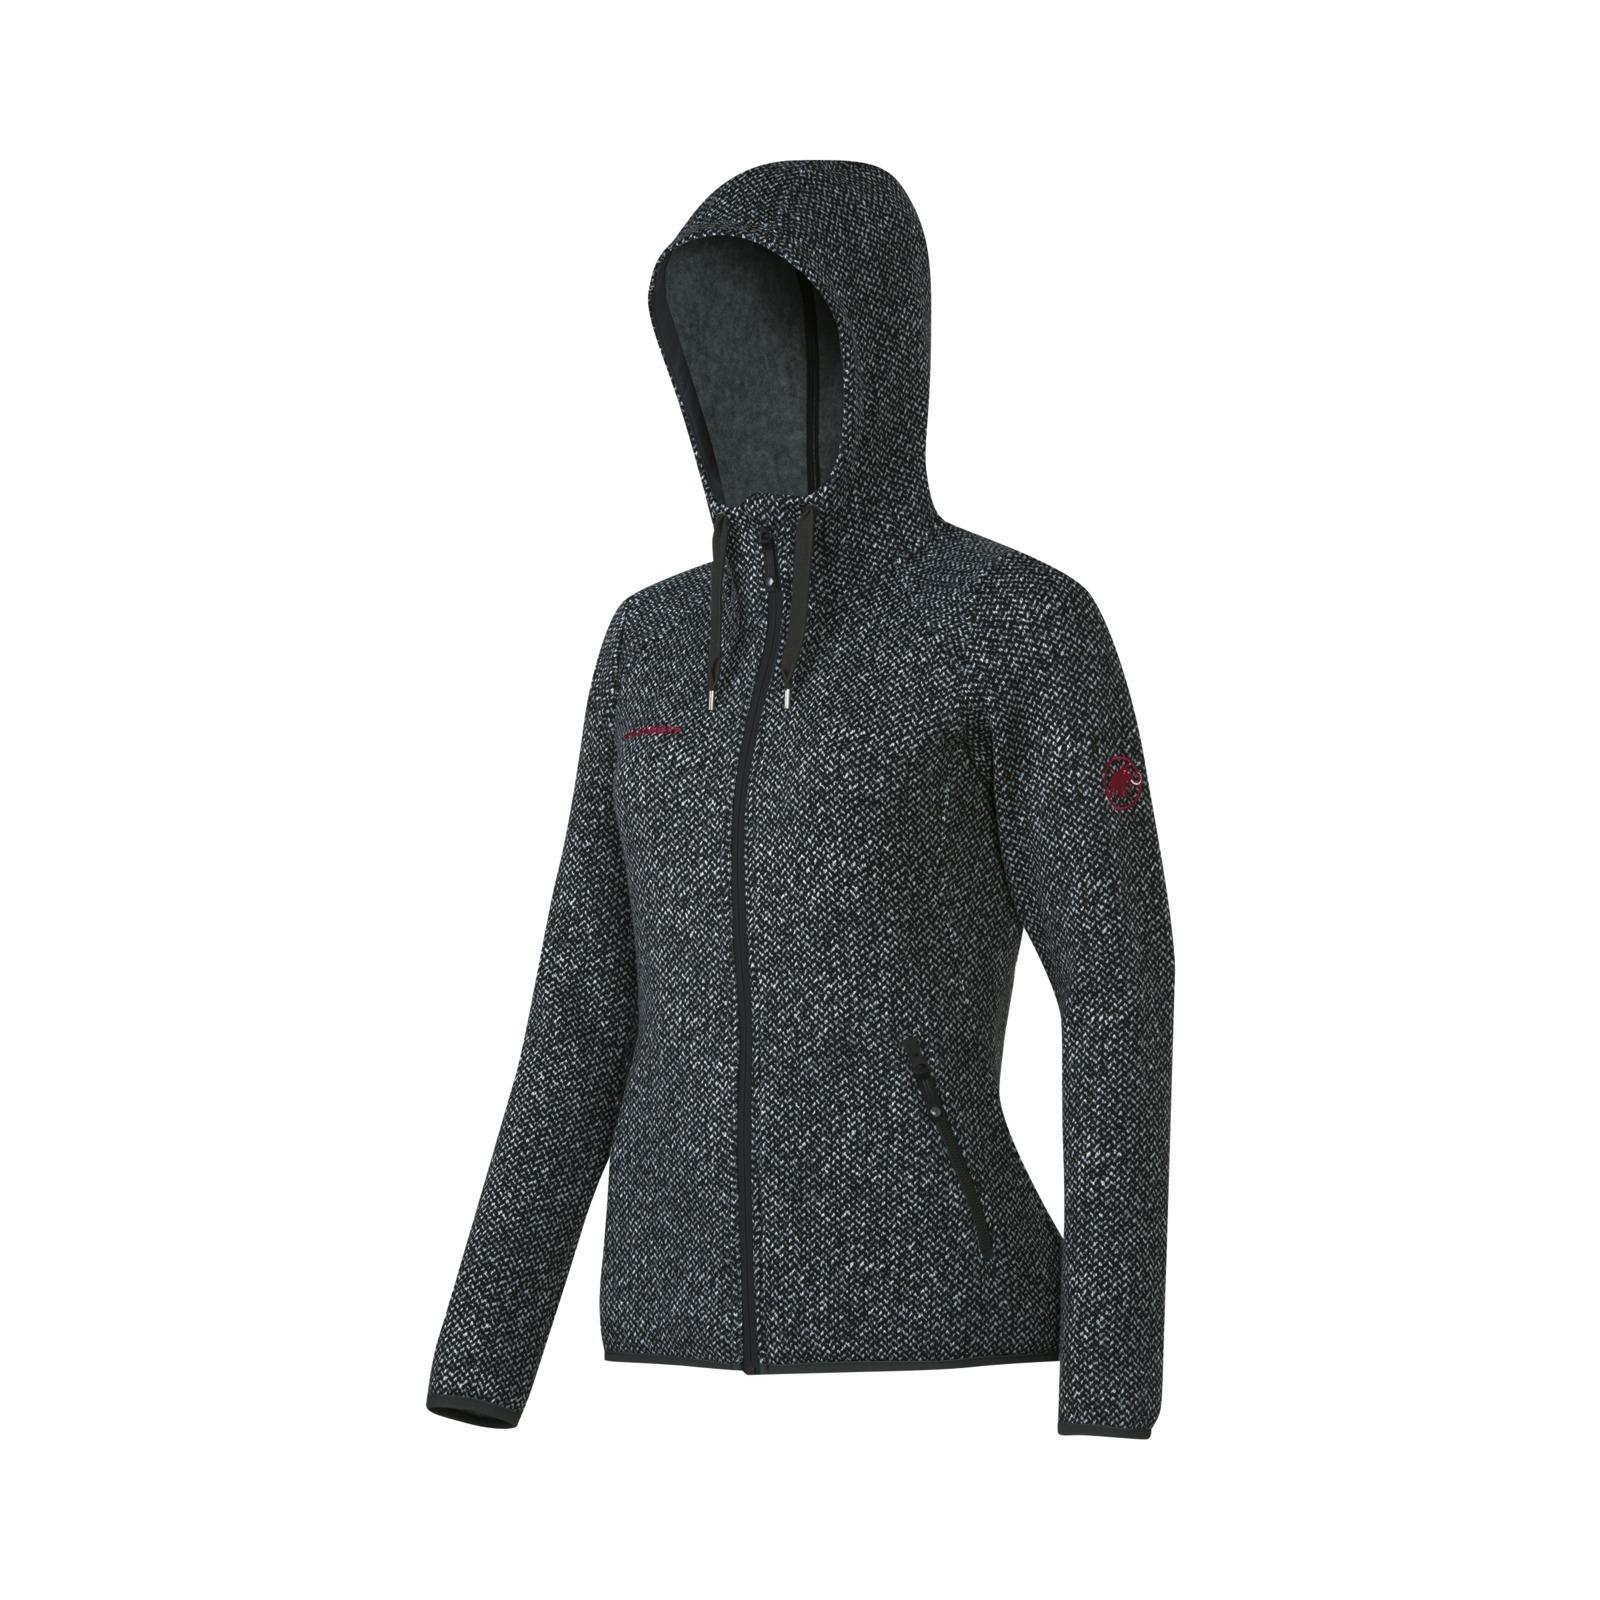 klassischer Stil von 2019 online zum halben Preis Mammut Kira Tour ML Hooded Jacket L / graphite-1010-18700-3